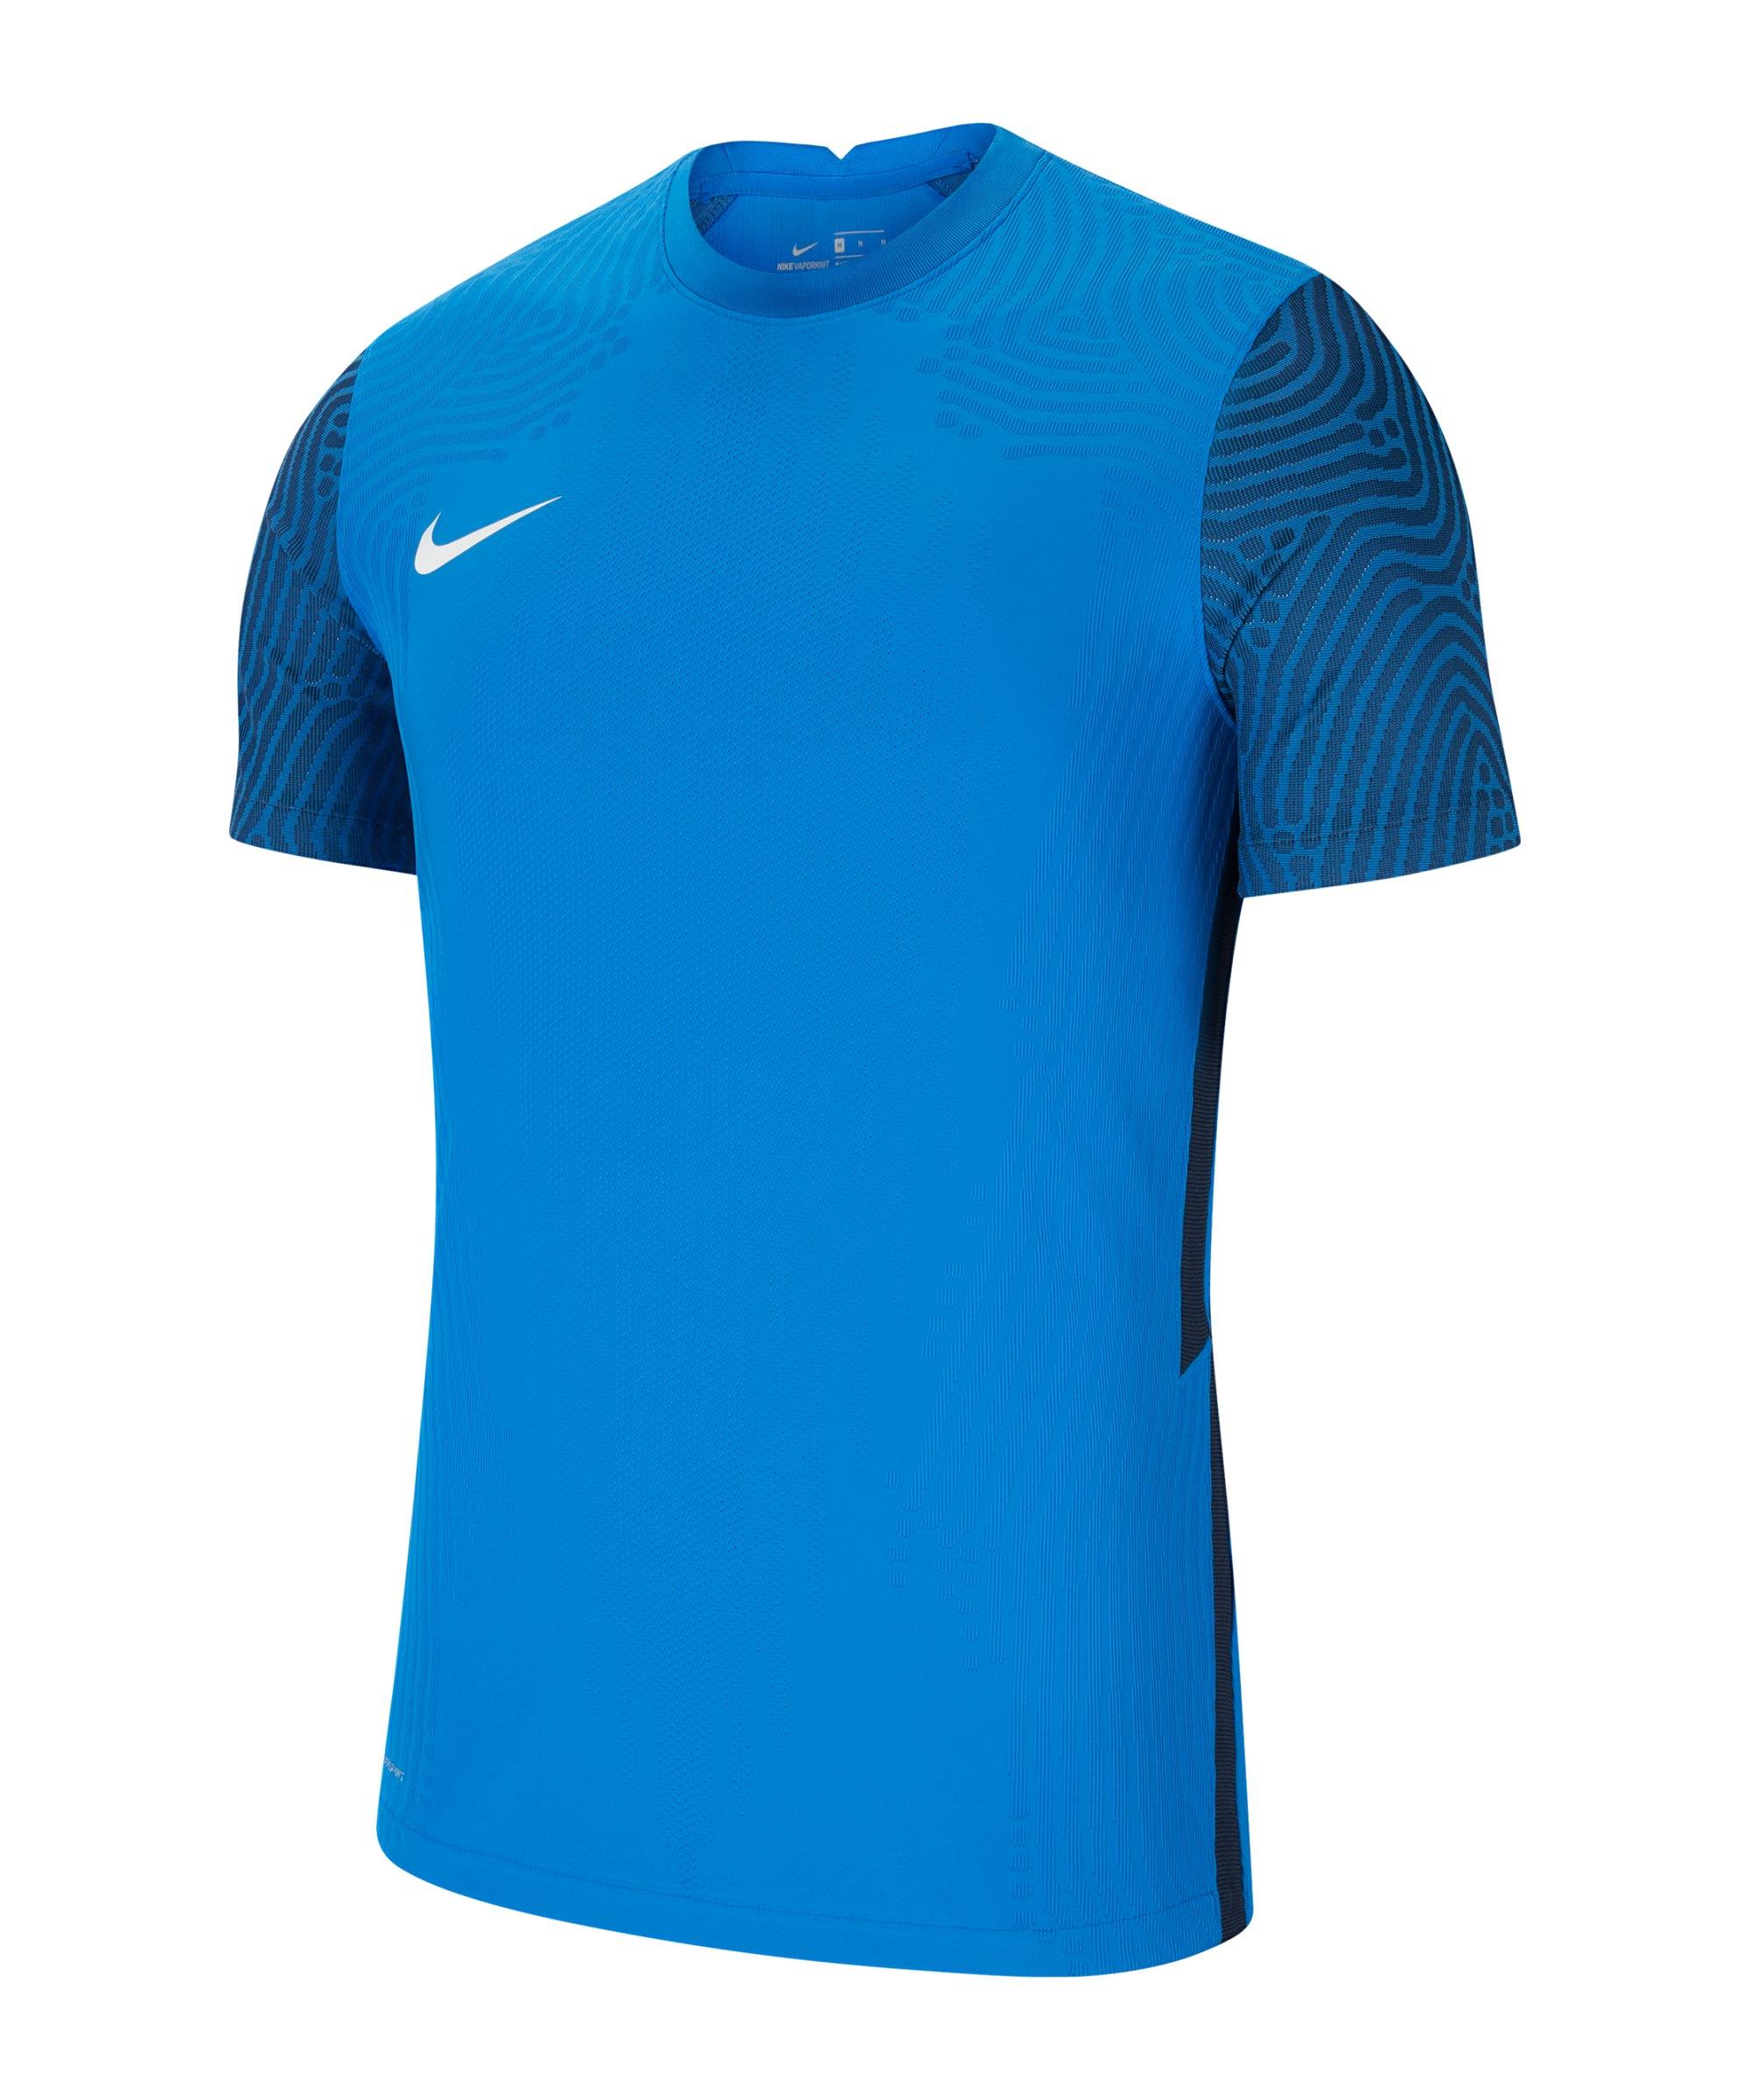 Nike Vaporknit III Trikot kurzarm Blau Weiss F463 - blau